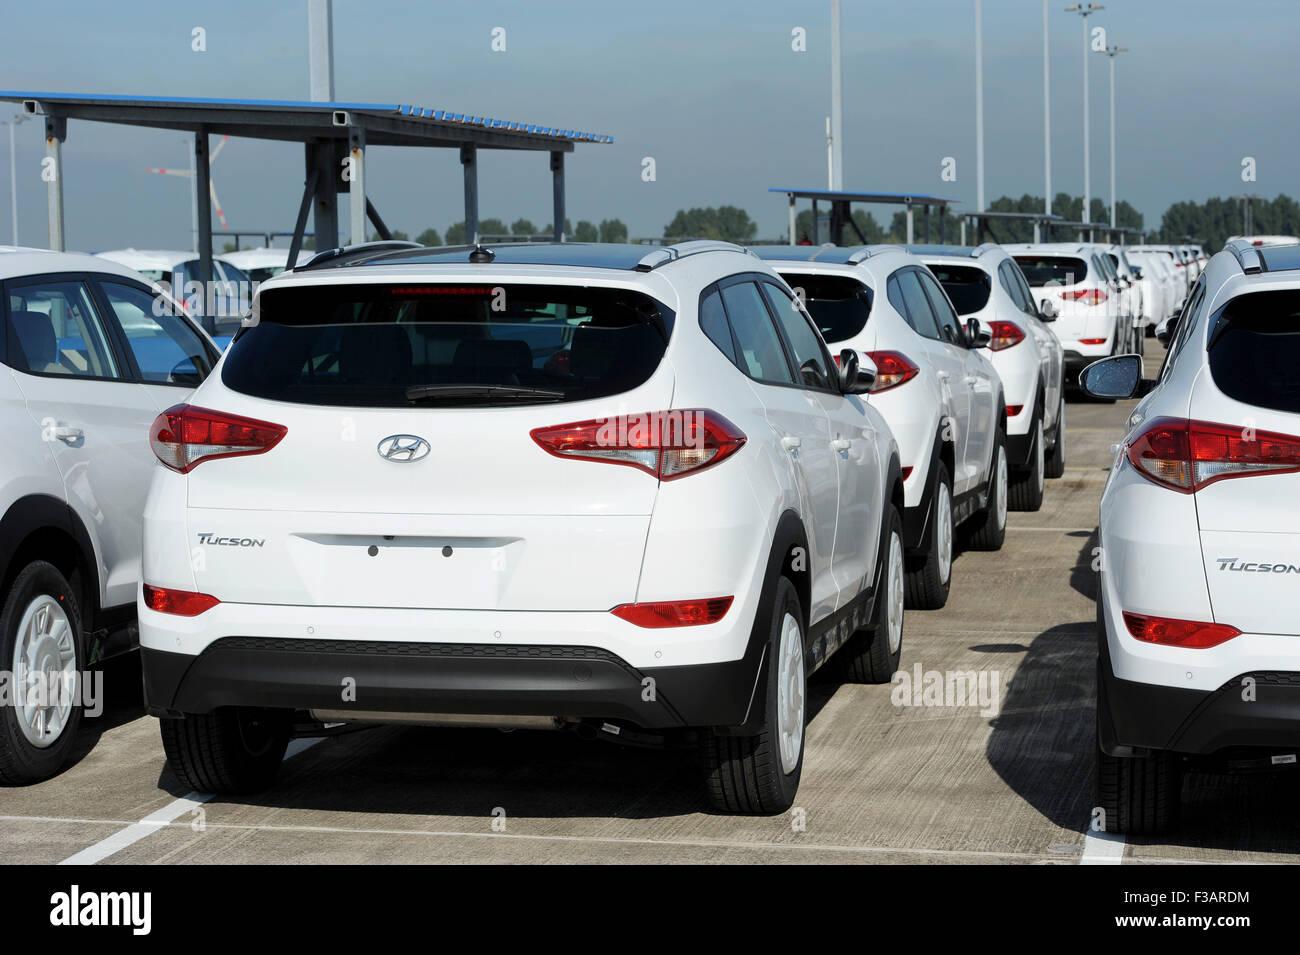 Novos Carros Feitos Pelo Fabricante De Automóveis Coreano Hyundai  Aguardando Para Ser Enviados Com O Carro Terminal Marítimo De Bremerhaven,  Alemanha, ...